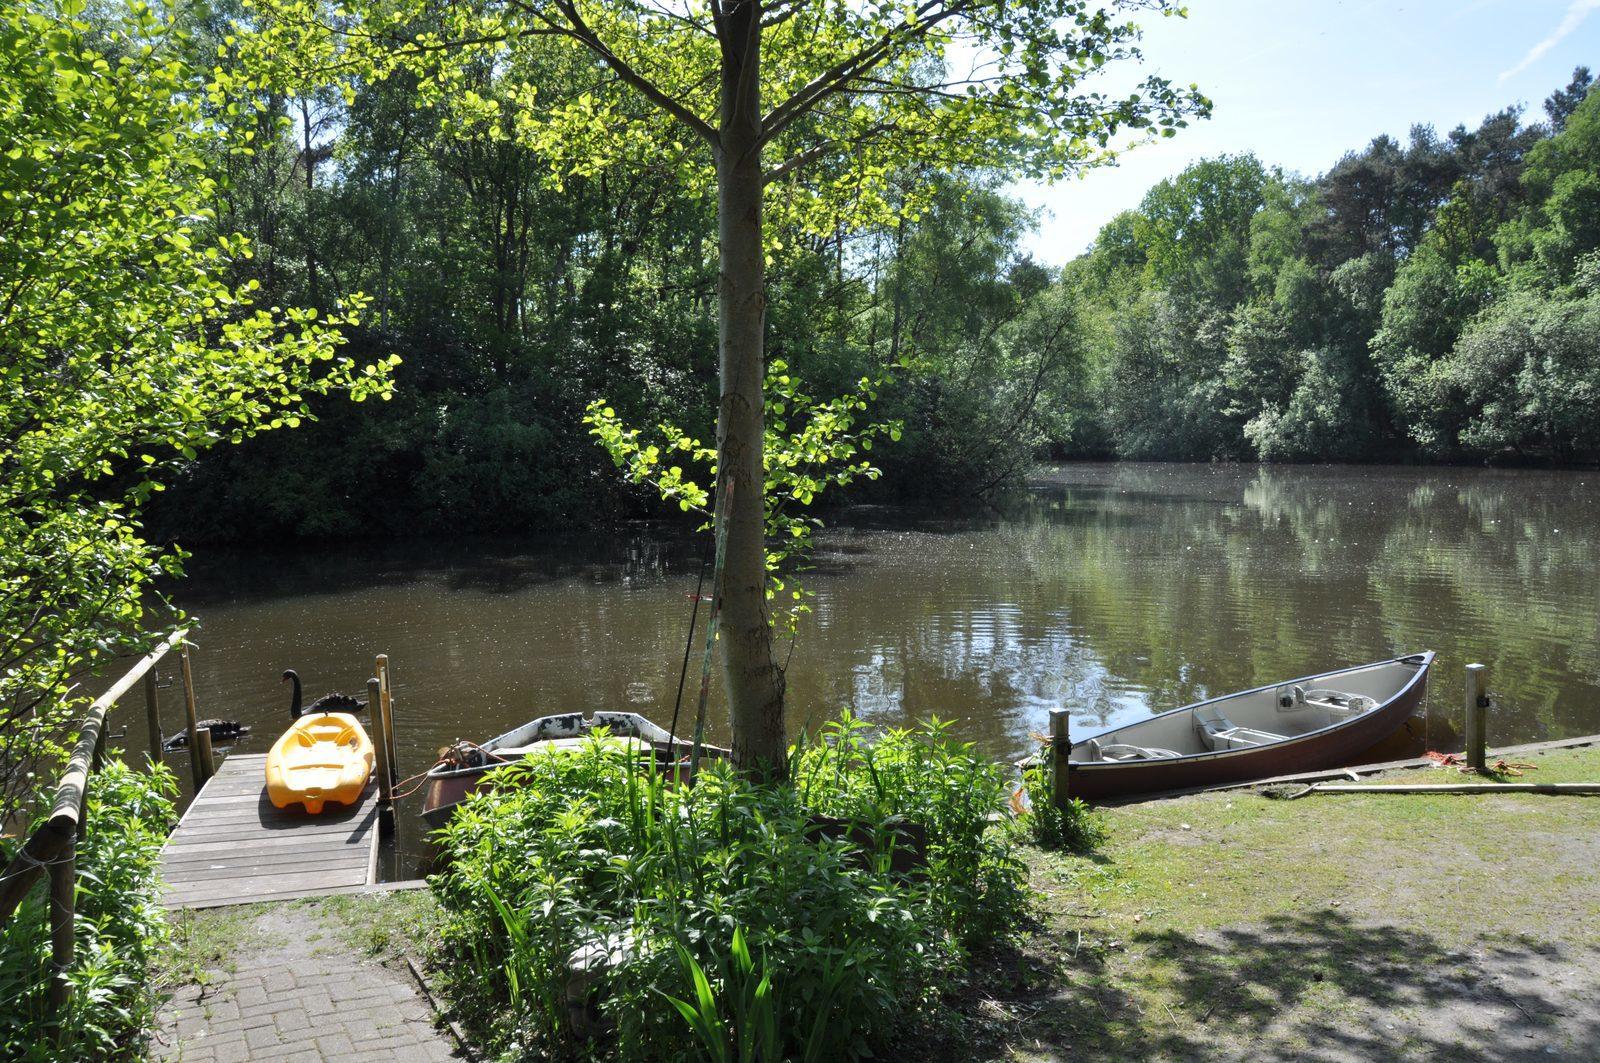 Nederland, Overijssel, Slagharen, vakantie aan het water, vijver, zwemmen, vissen, vakantie, vakantiehuis